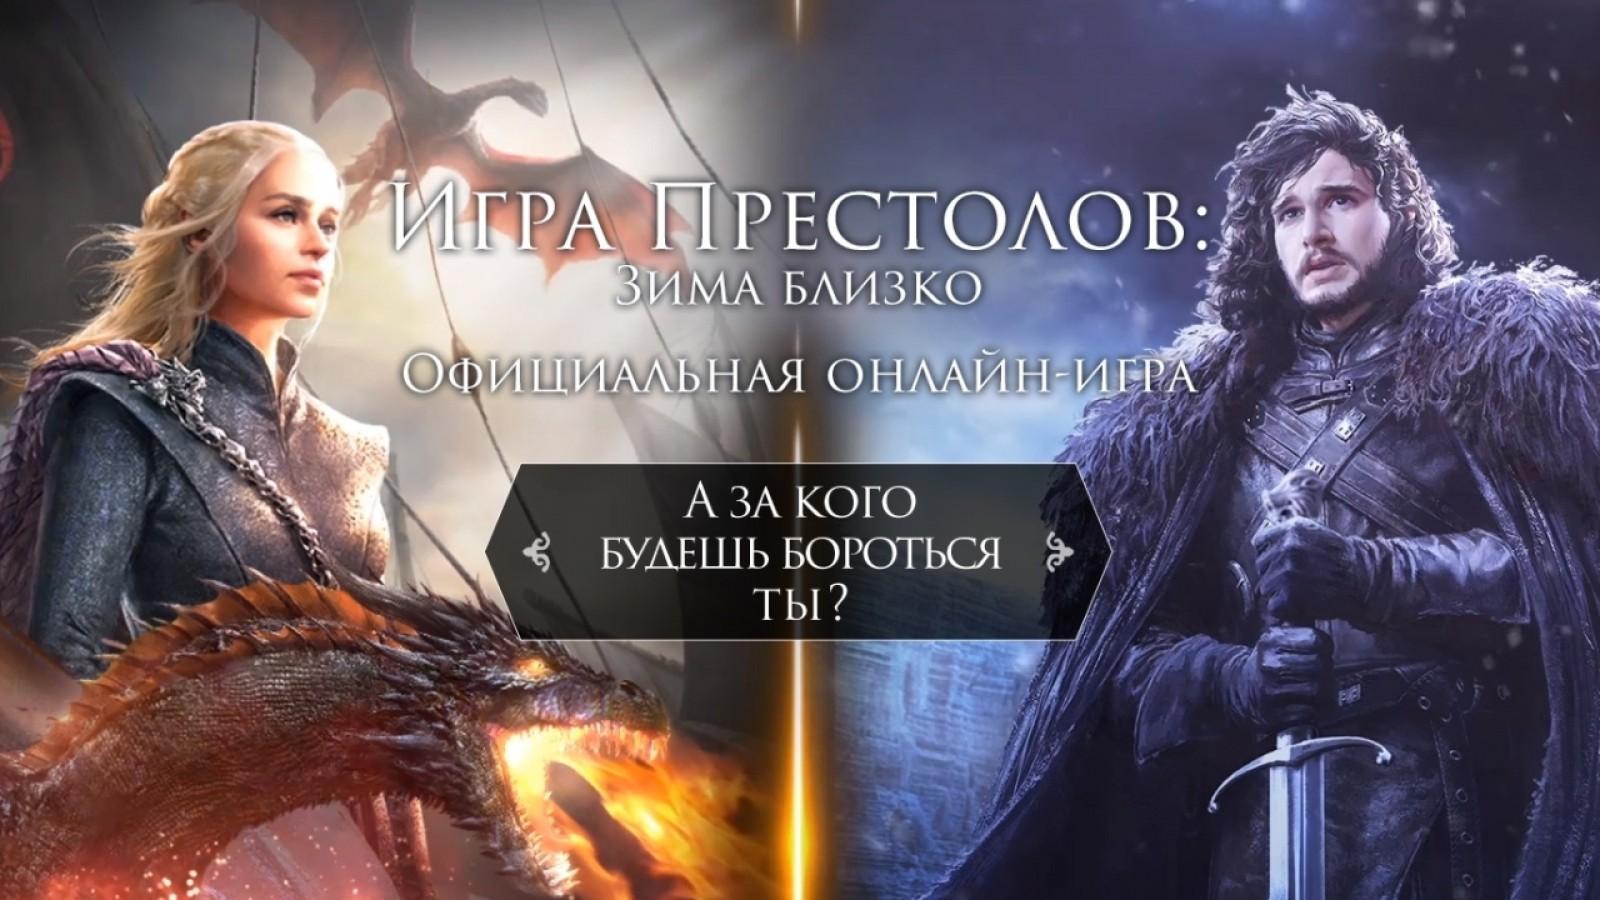 Онлайн игра Game of thrones - Игра Престолов